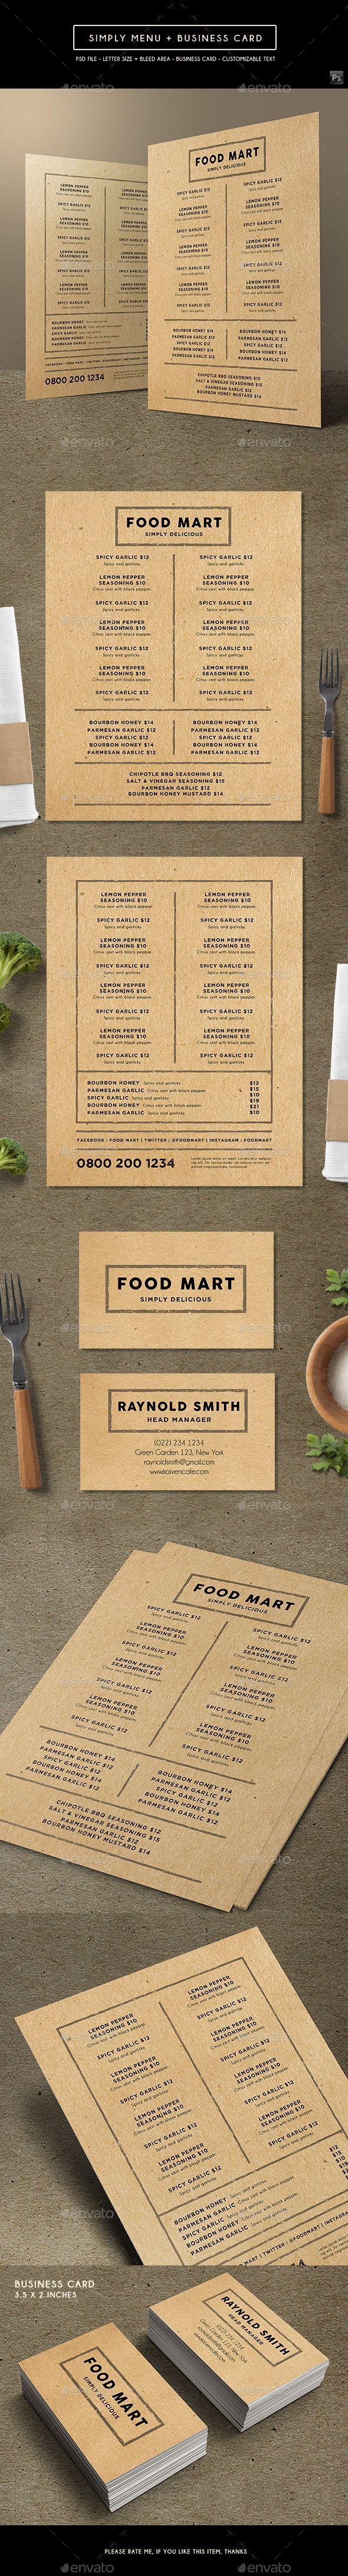 Simply Brown Menu + Business Card - Food Menus Print Templates Download here : https://graphicriver.net/item/simply-brown-menu-business-card/19259645?s_rank=82&ref=Al-fatih